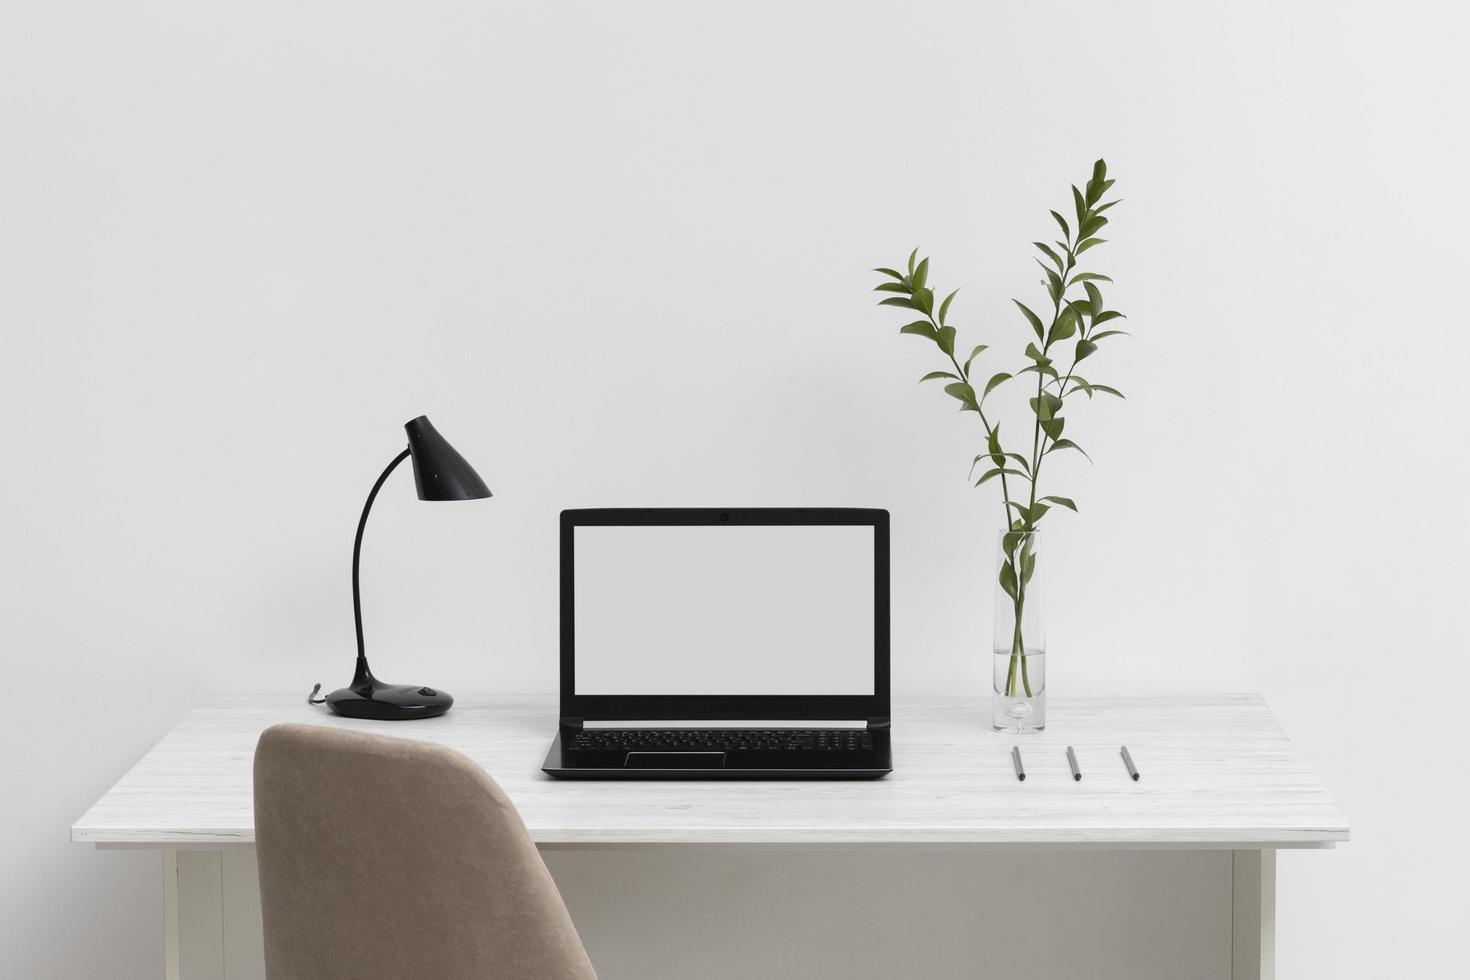 hoge hoek bureau opstelling met laptop foto